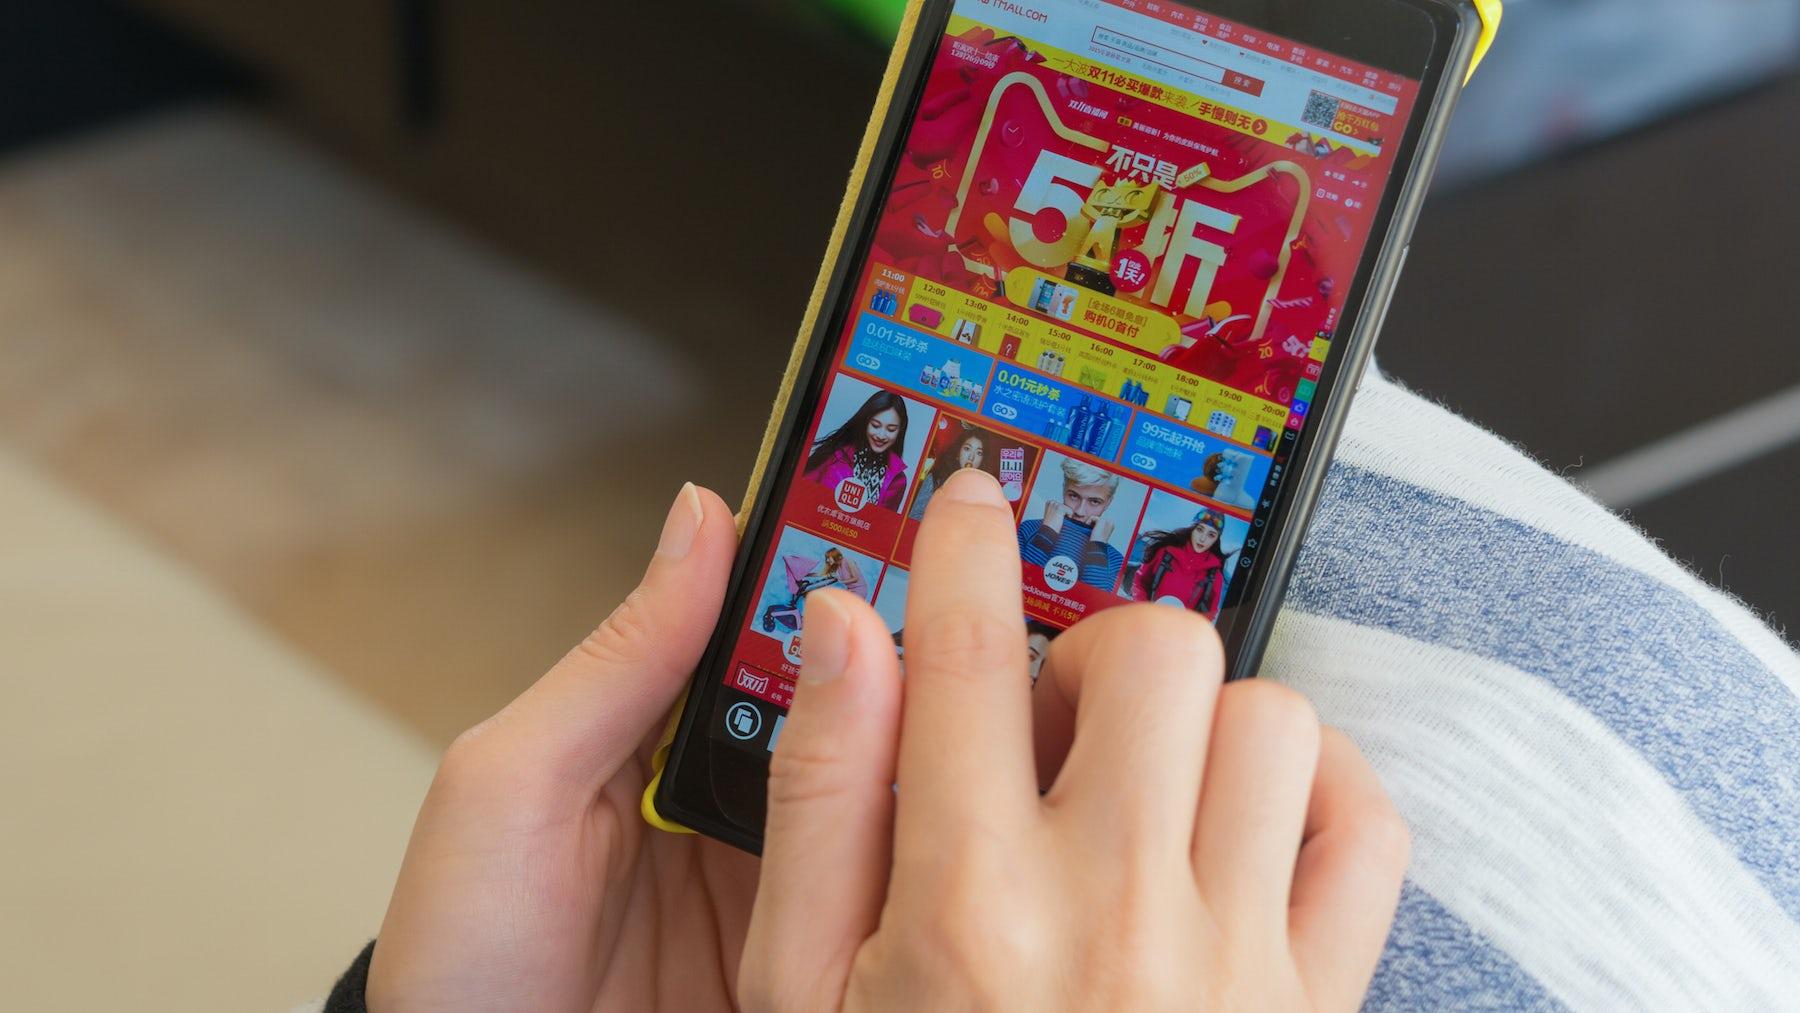 Taobao mobile app | Source: Shutterstock